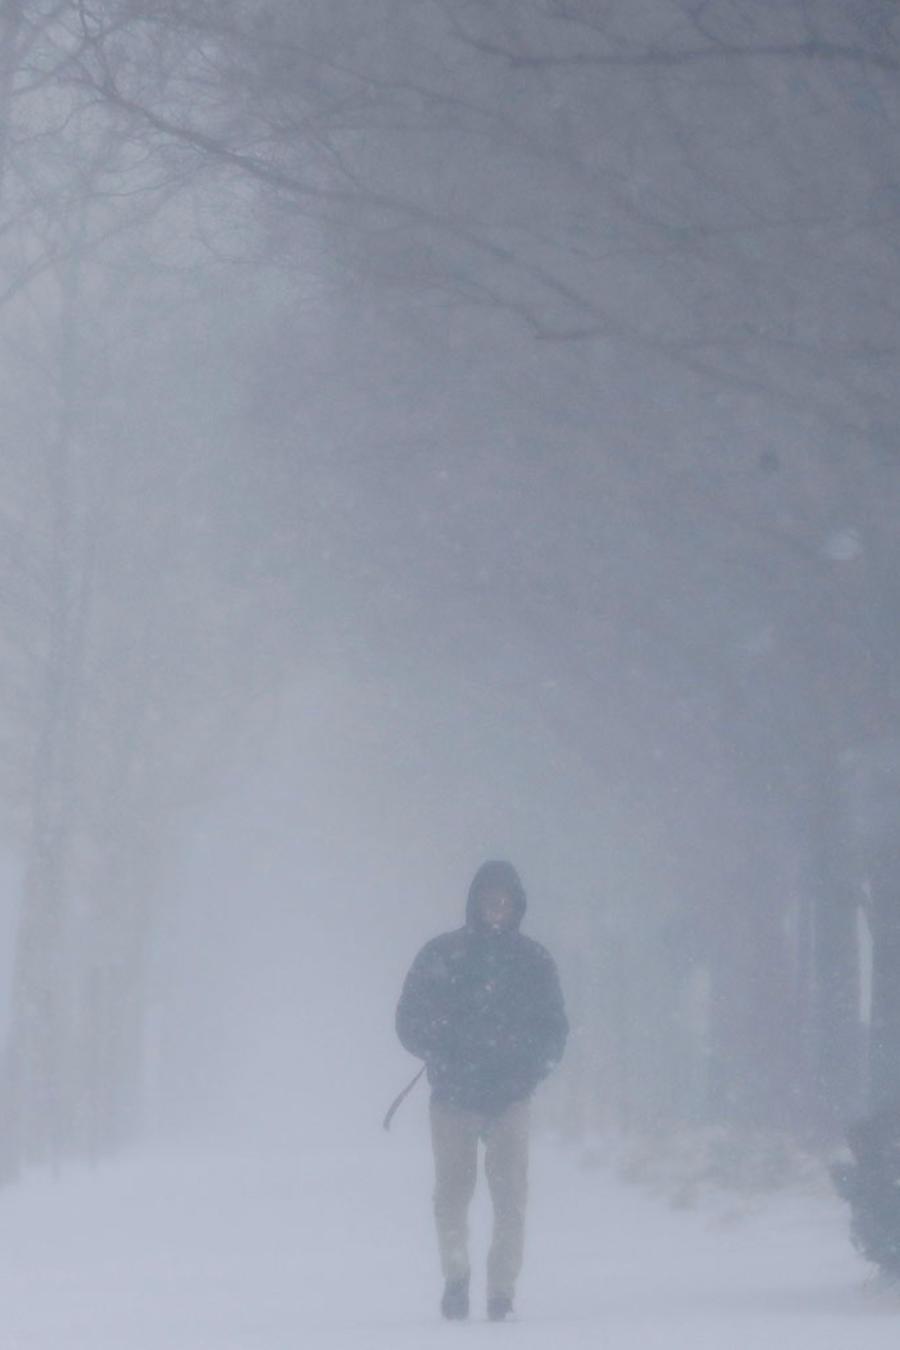 Un hombre camina bajo una capa de nieve durante las primeras etapas de una tormenta de nieve, el miércoles 21 de marzo de 2018 en Hoboken, N.J. (Foto AP / Julio Cortez)